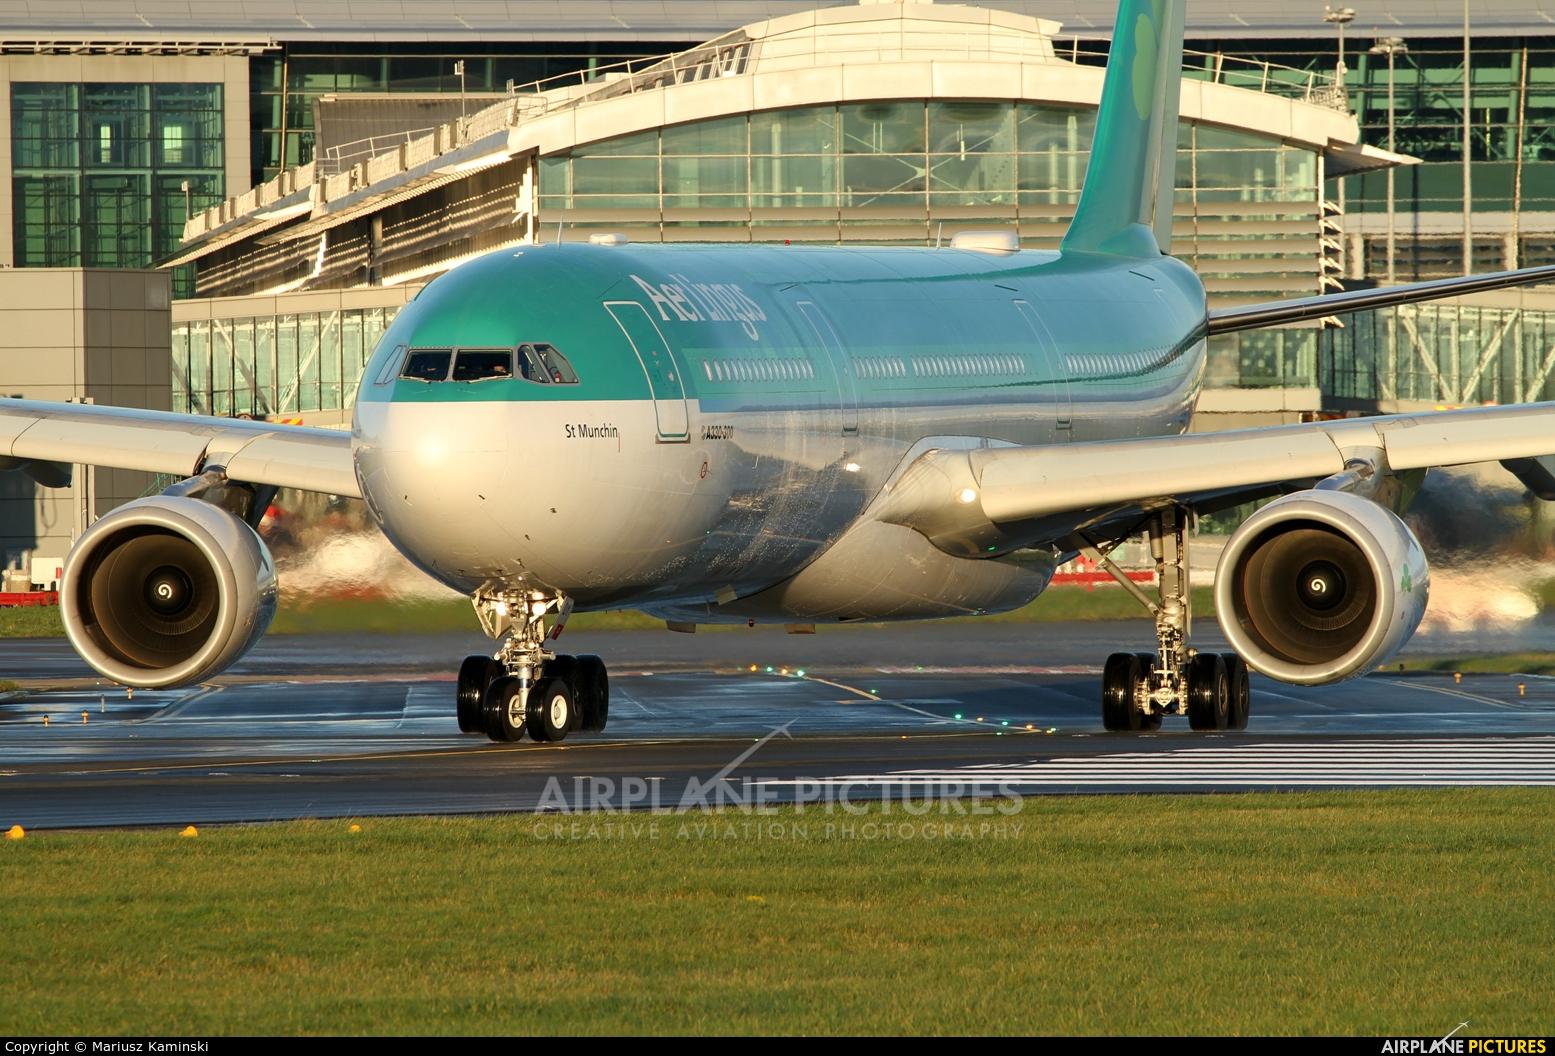 Aer Lingus EI-EDY aircraft at Dublin